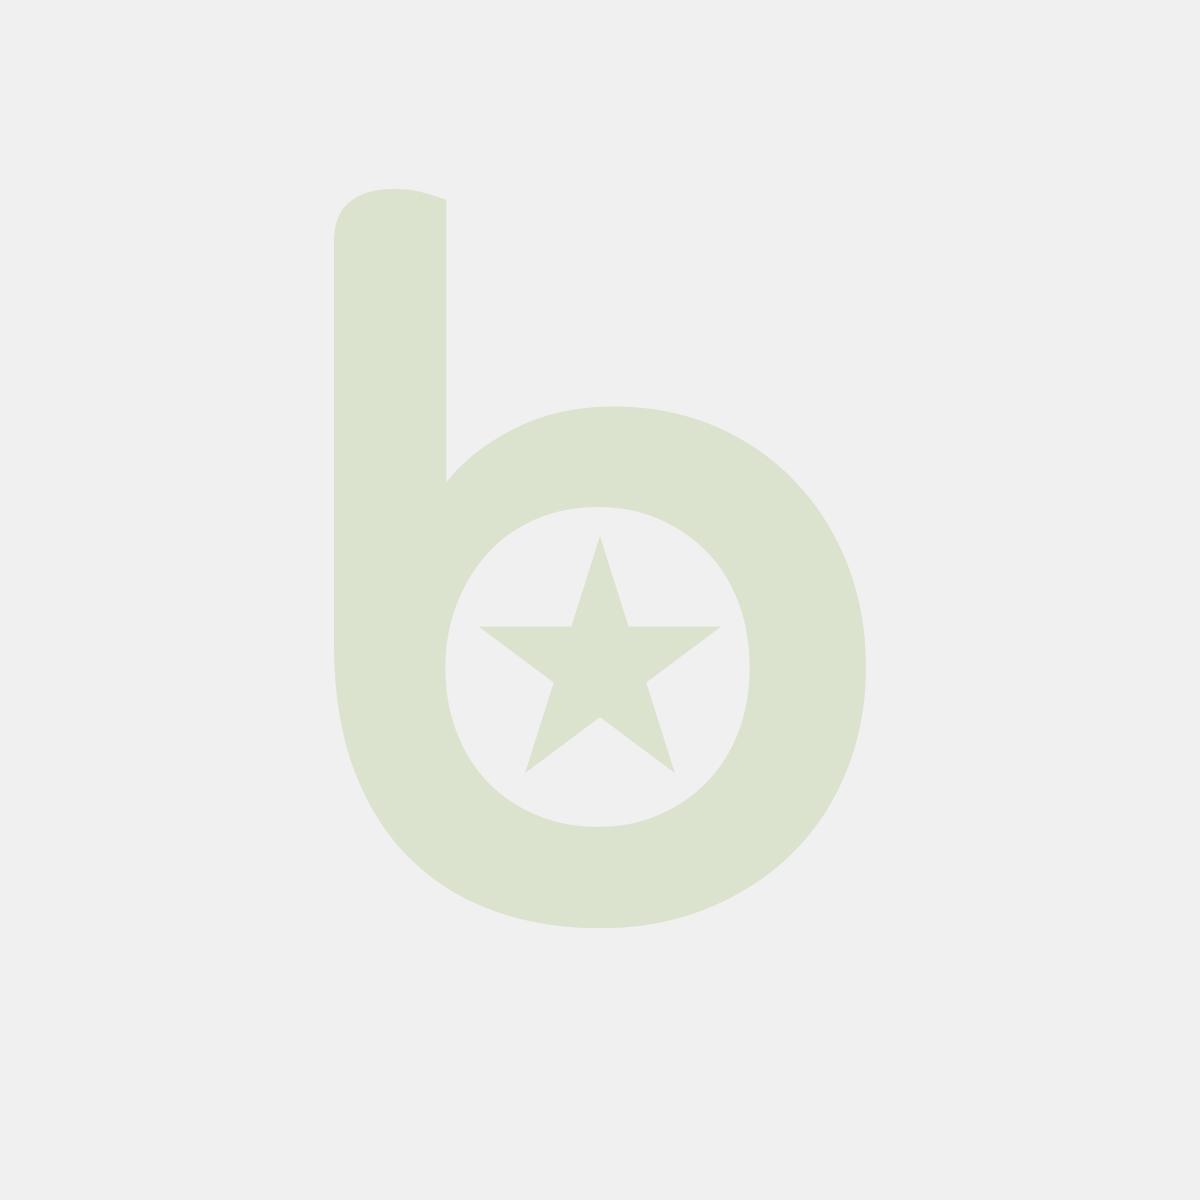 FINGERFOOD - talerzyk PS czarny 8,5x8,5x8,5 op. 50 sztuk